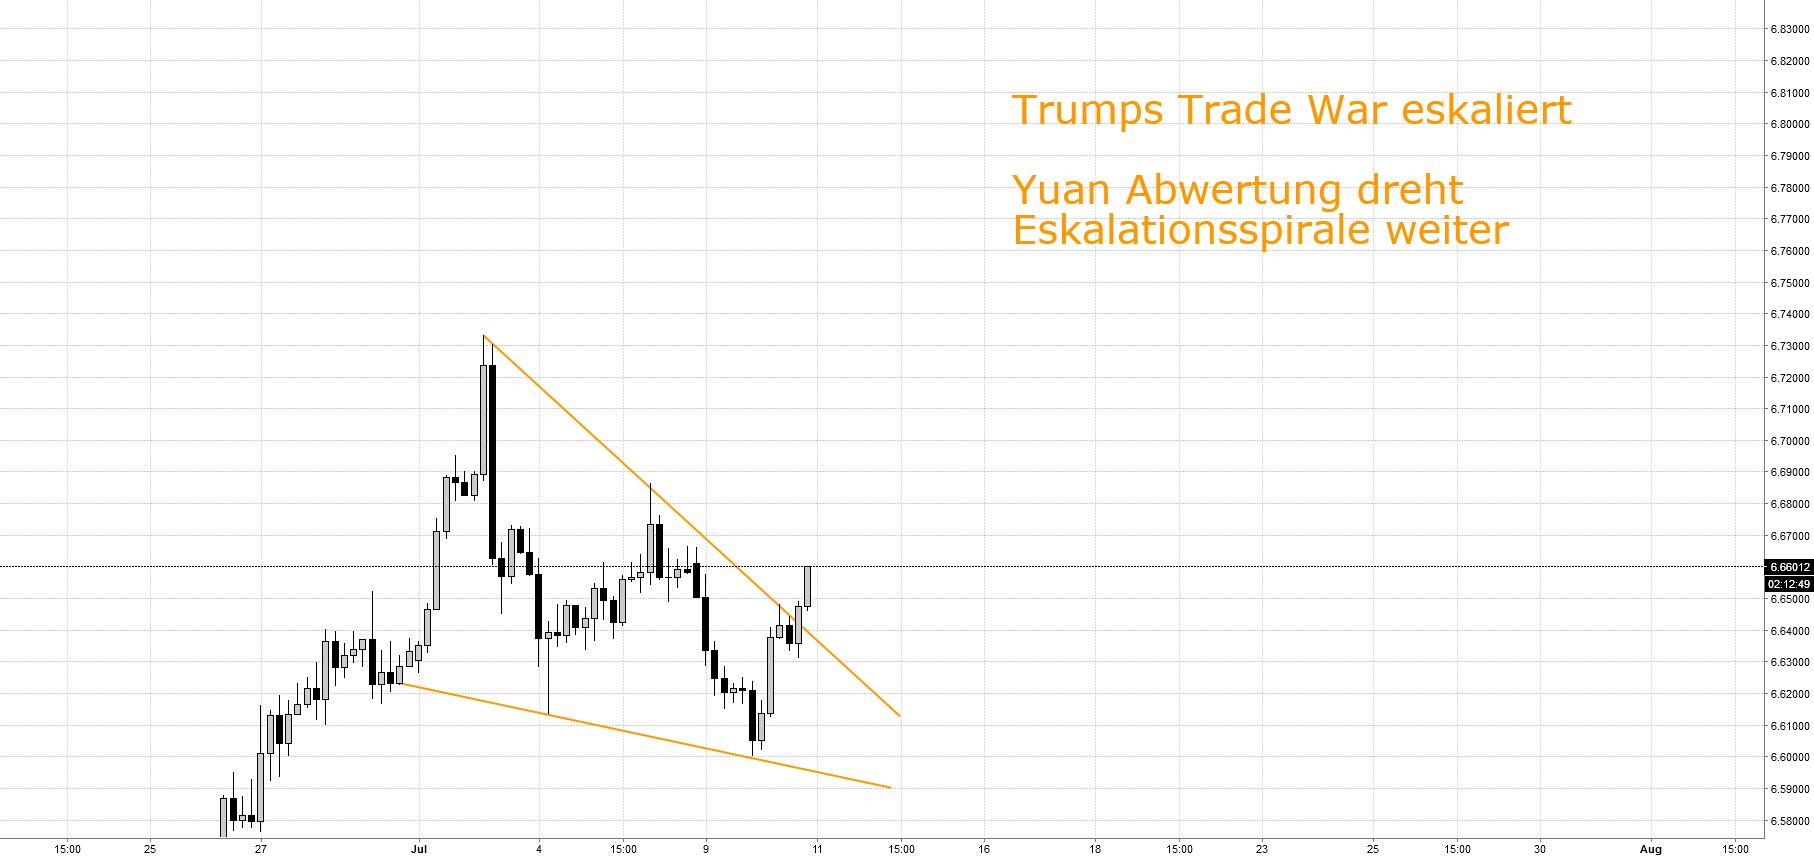 """Chinas Währung als """"Waffe"""" gegen Trumps Trade War"""